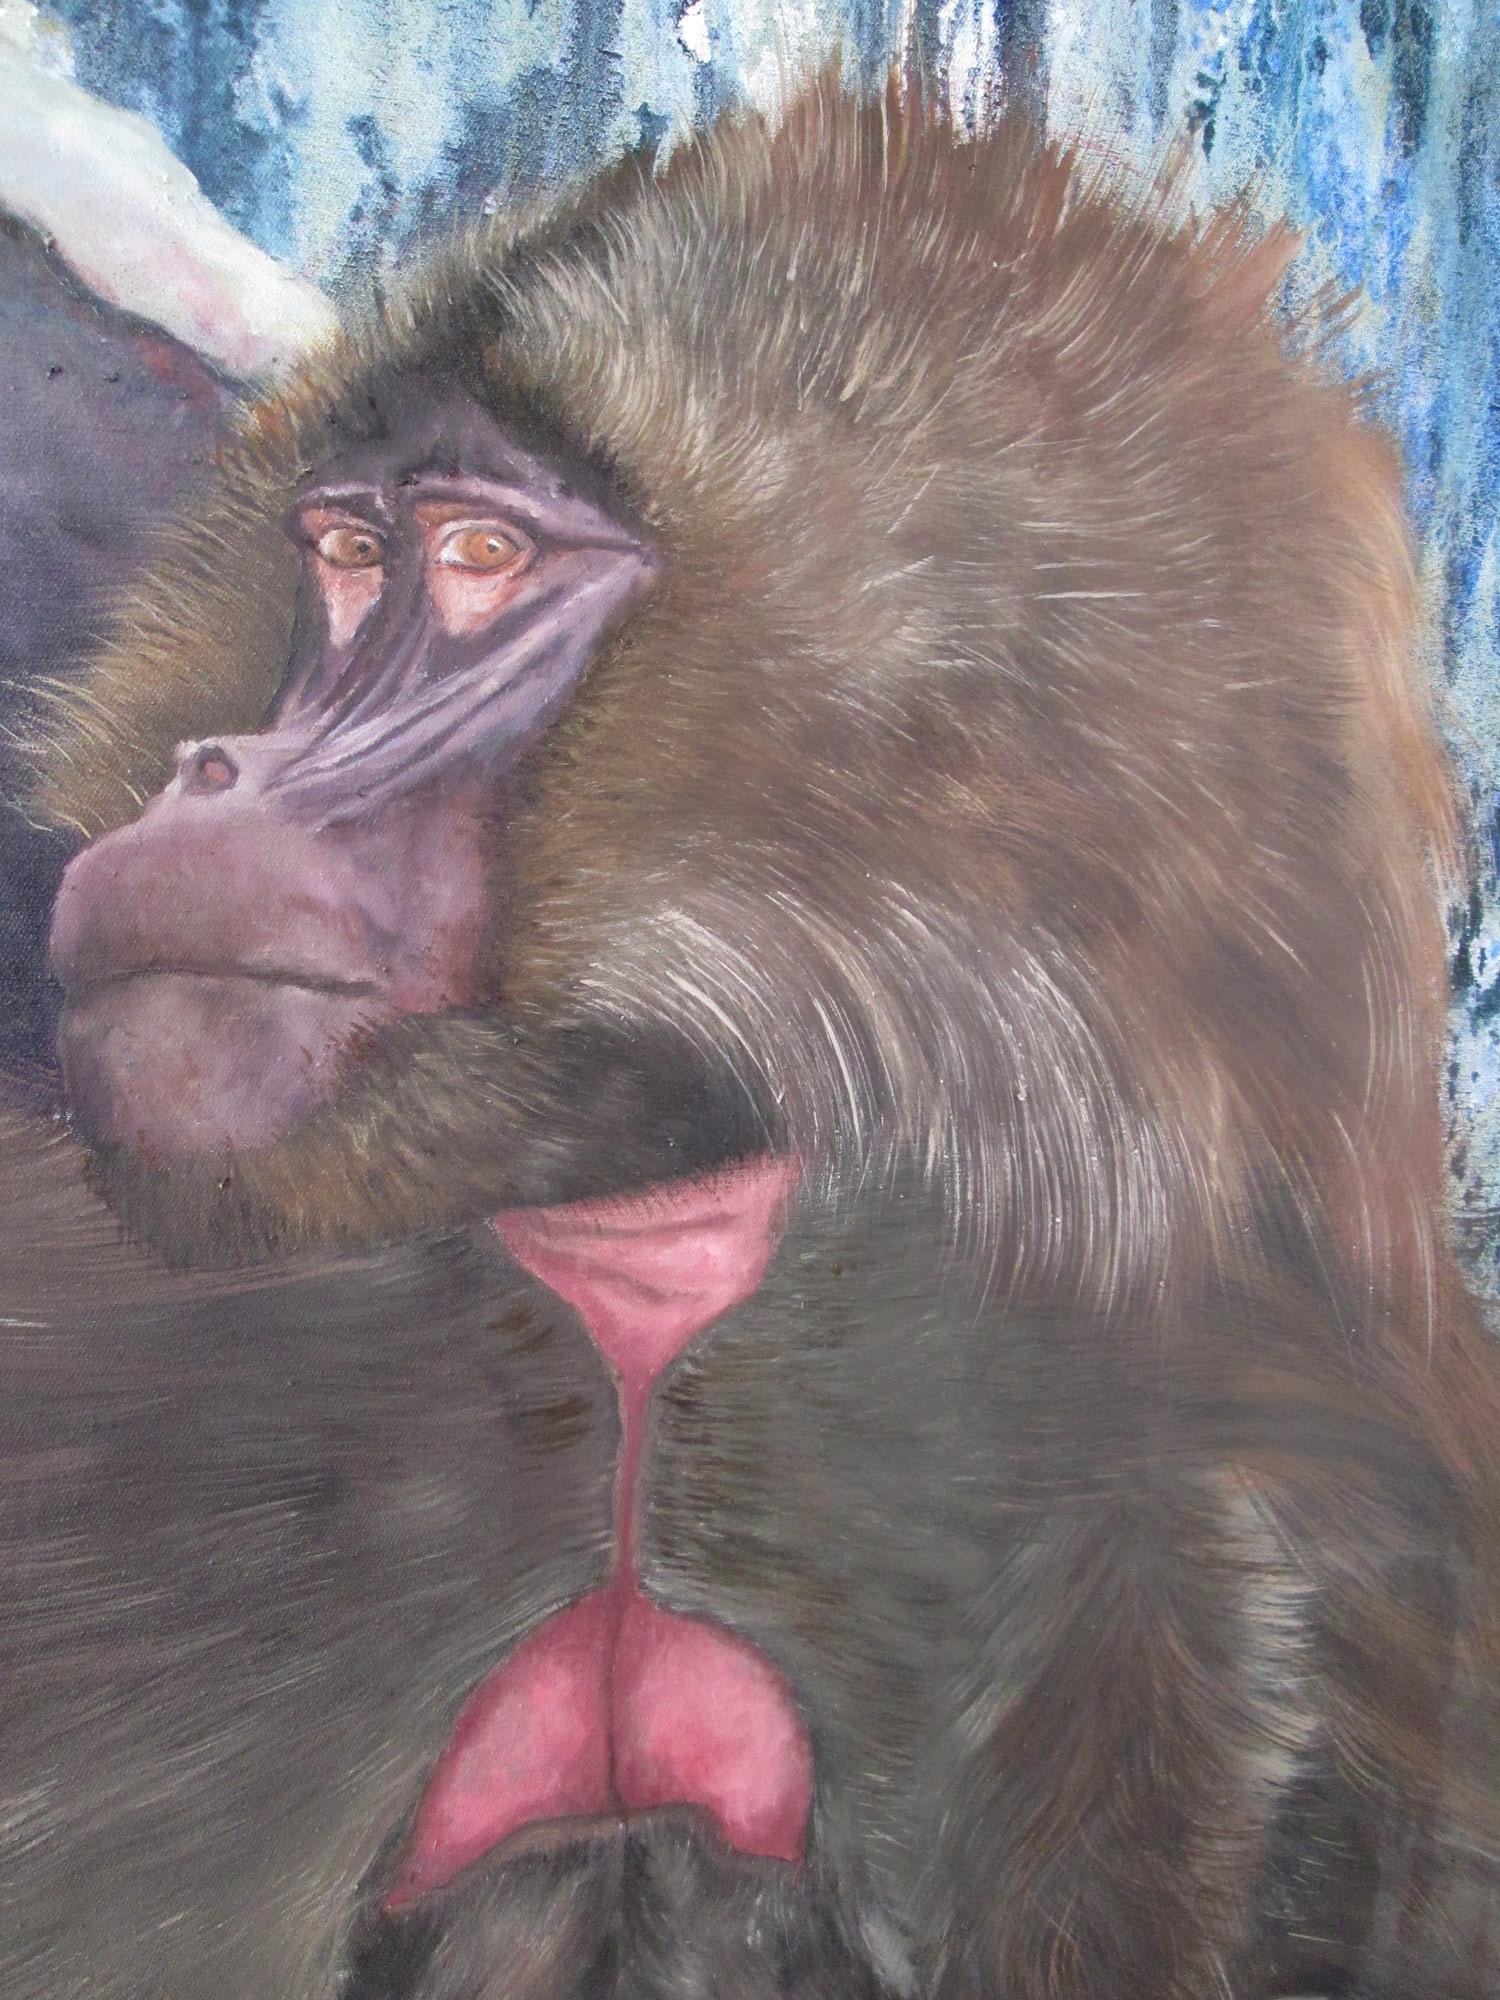 Laura Link . ohne Titel . 2015 . Öl, Tusche auf Leinwand . 260 x 180 . Detailansicht